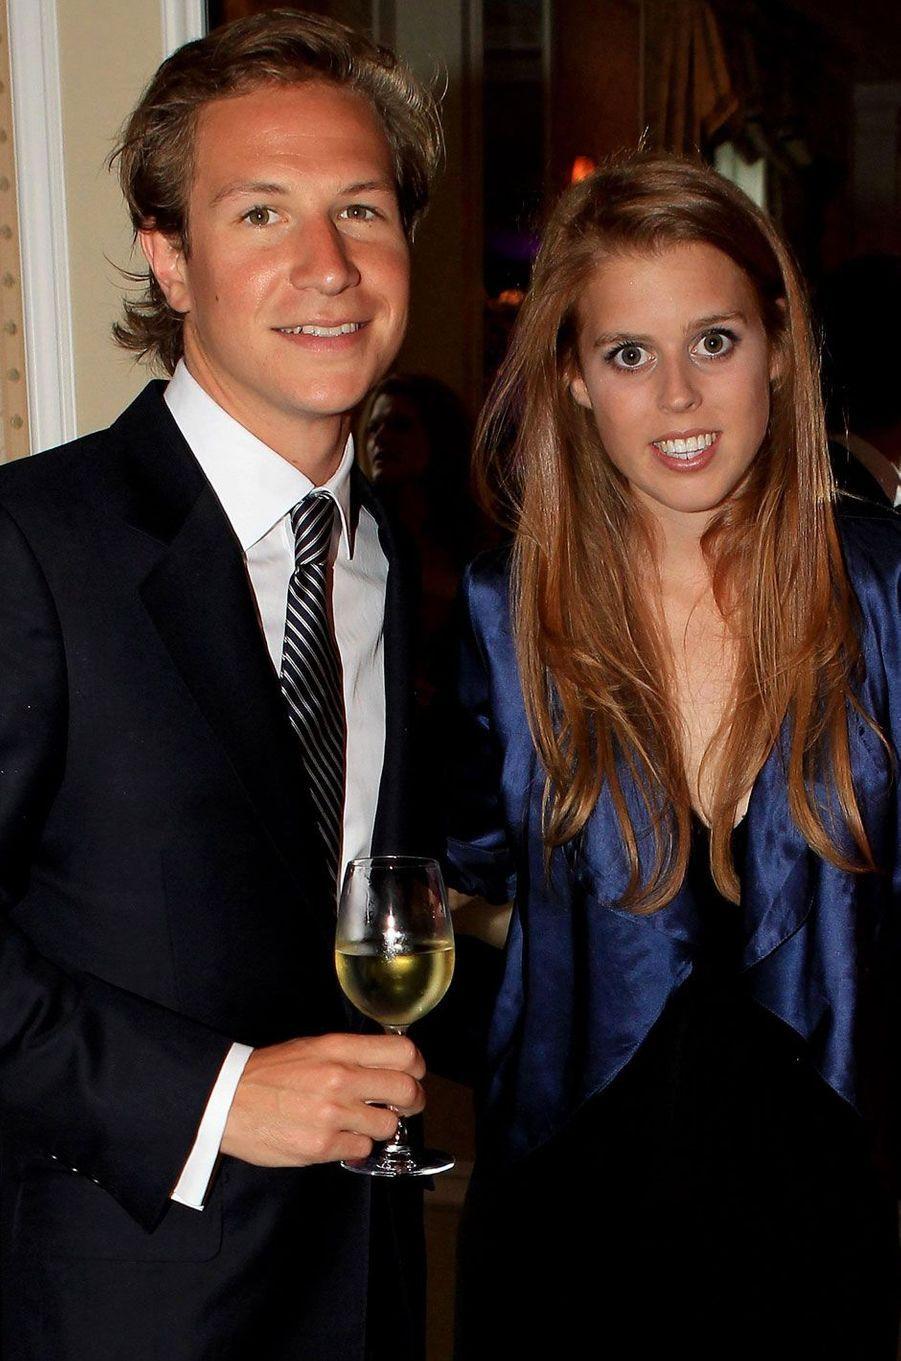 Lors d'une réception pour Sentebale, l'association du prince Harry, à New York en 2010